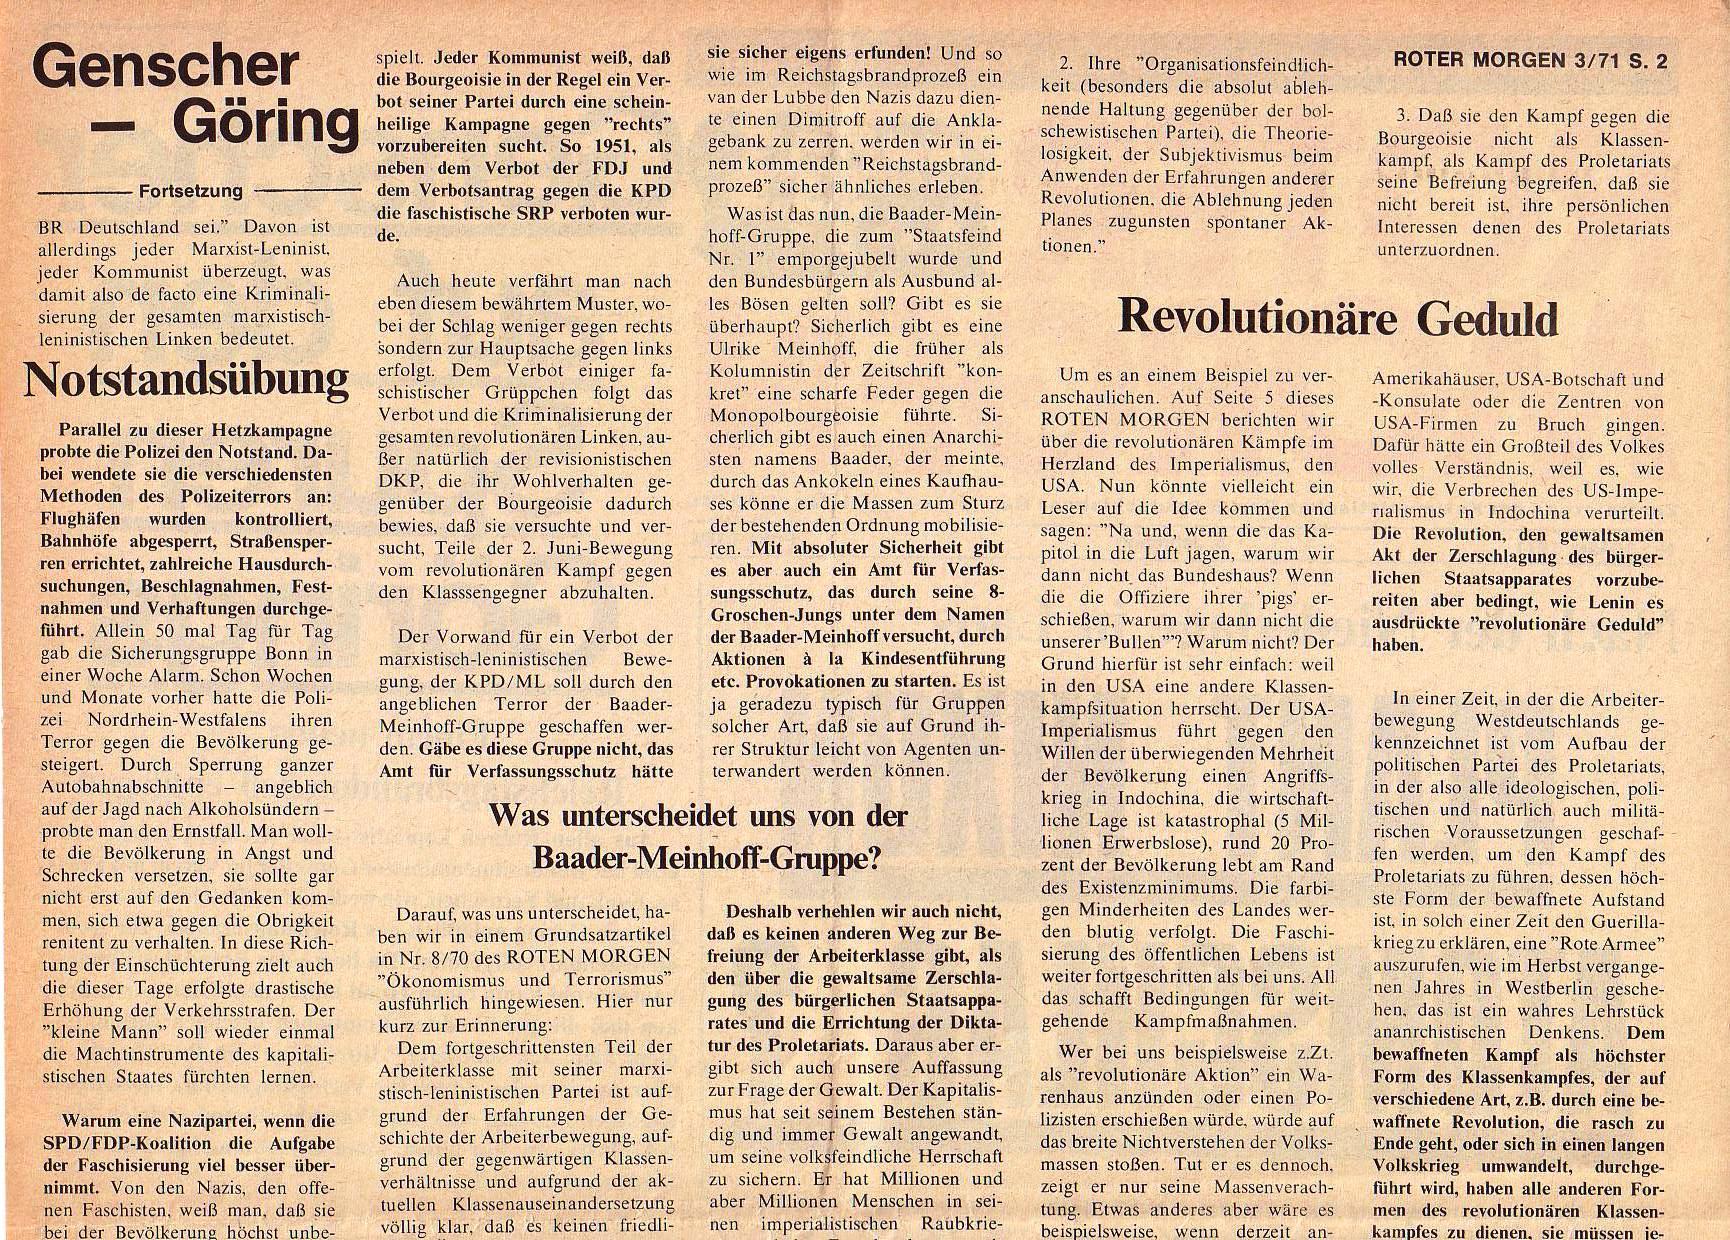 Roter Morgen, 5. Jg., März 1971, Nr. 3, Seite 2a